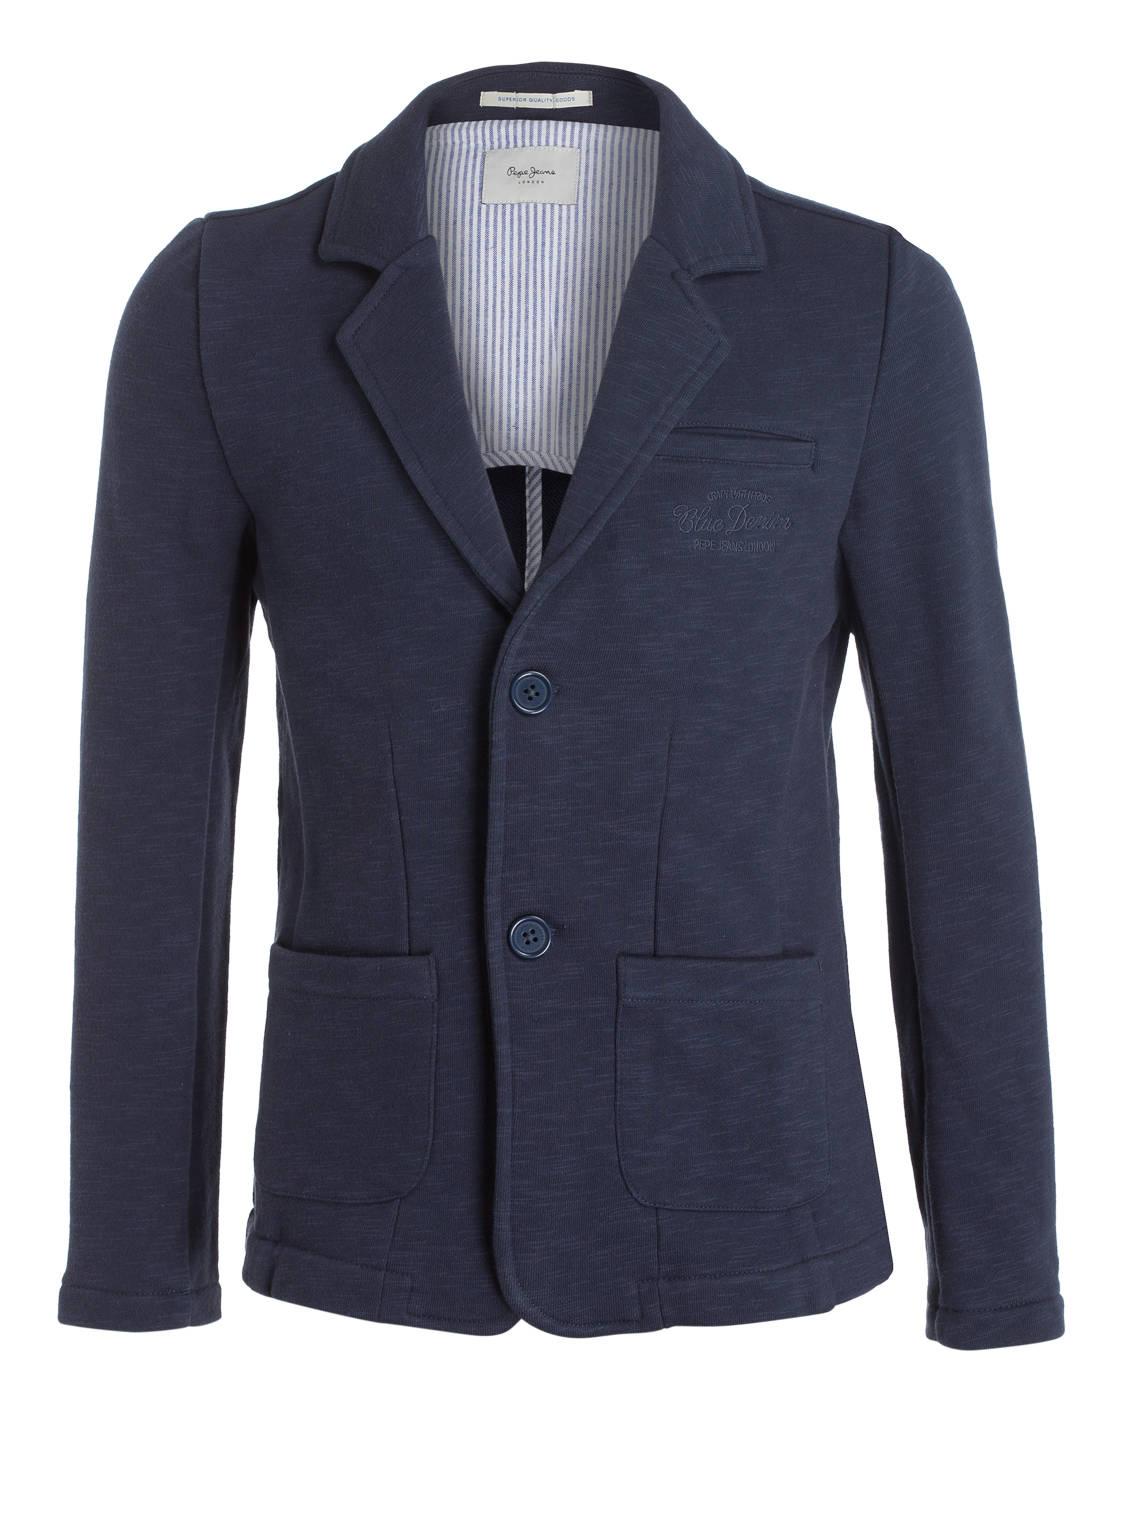 Artikel klicken und genauer betrachten! - Der Sweat-Sakko von Pepe Jeans lässt die Modeherzen der Kleinen höher schlagen. Die aufgesetzten Eingrifftaschen, eine Stickerei auf Brusthöhe und das absteigende Revers ergänzen sich perfekt zueinander. In Kombination mit Jeans oder Chino kreieren Sie für den Nachwuchs einen charmanten und smarten Look. Details: Taillierter Schnittt. Jersey-Qualität. Abfallendes Revers mit Knopfloch. Einreiher mit zwei Knöpfen. Leistentasche auf Brusthöhe mit Stickerei. Drei Kissing-Buttons am Ärmelabschluss. Aufgesetzte | im Online Shop kaufen